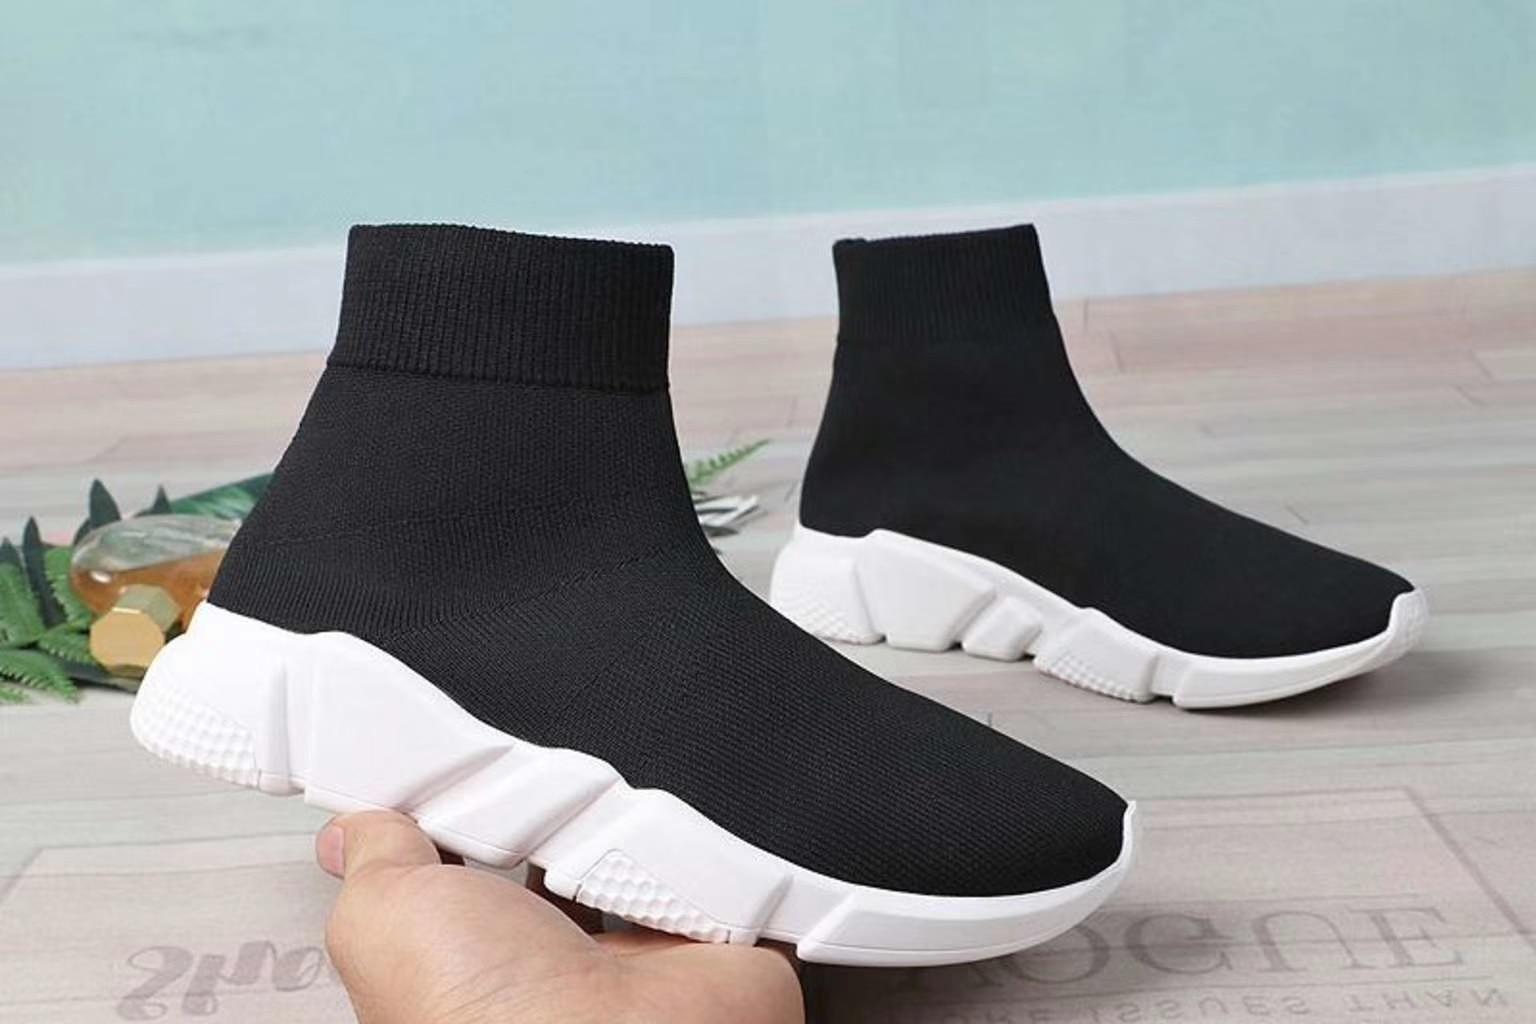 Noires Lacets Bottes Formateur Chaussette Haut Mode Sans Bottine Stretch Court Femme La De Chaussures Tissu dessus Marche Tricoté Femmes dp0FwnqZZ